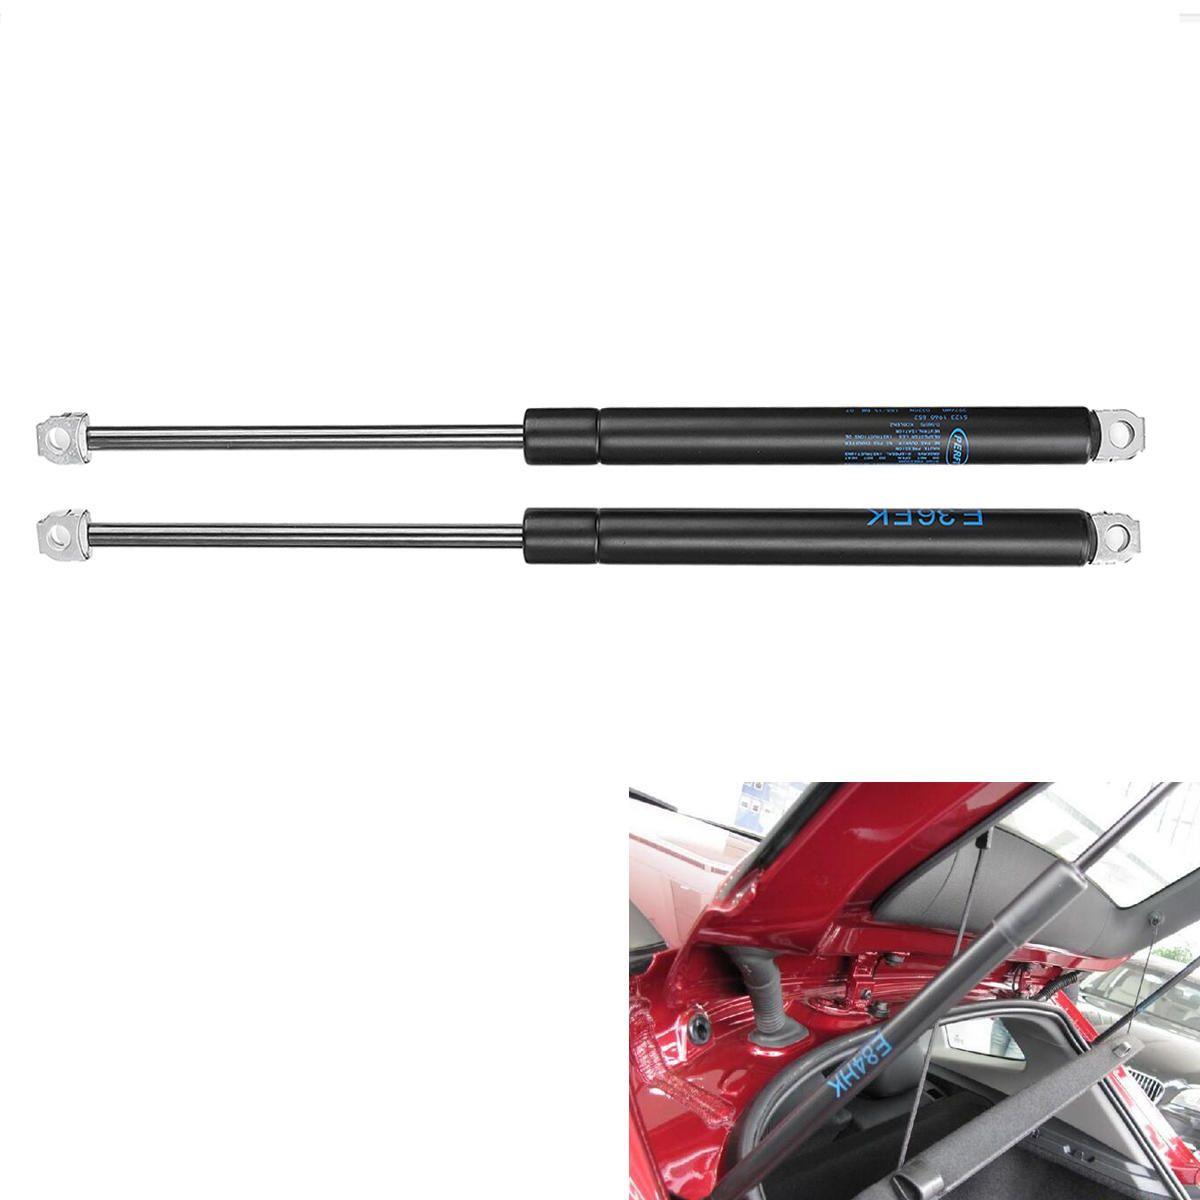 2 Pcs Bonnet Hood Lift Supports Shock Struts For Bmw E36 Sedan 318i 323i 328i M3 E36 Sedan Bmw 318 Bmw E36